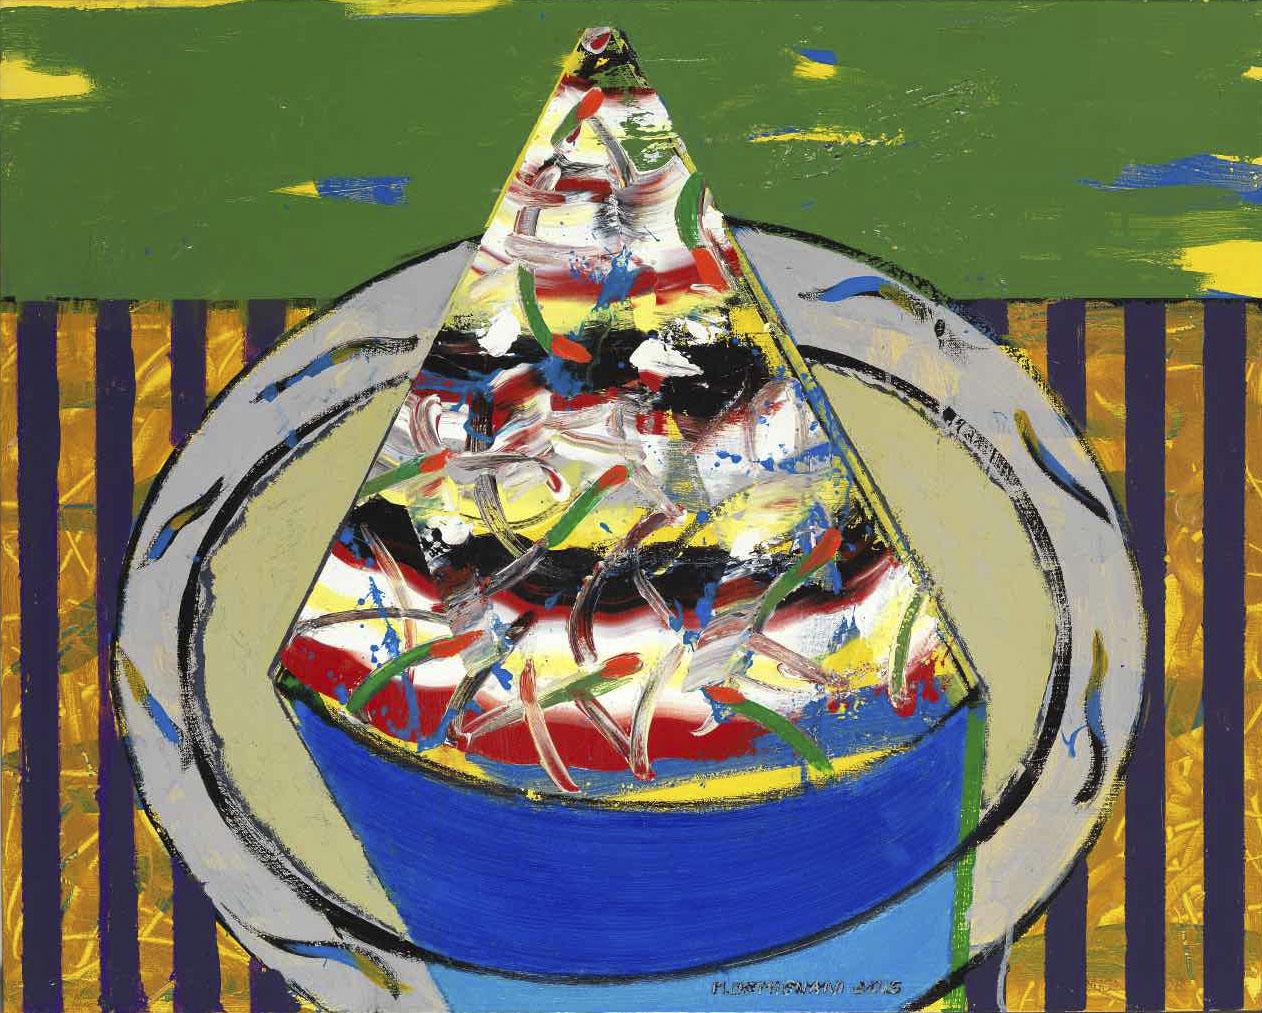 Gourmandise d'Azrou - Acryl sur toile - 65x82 - 2015